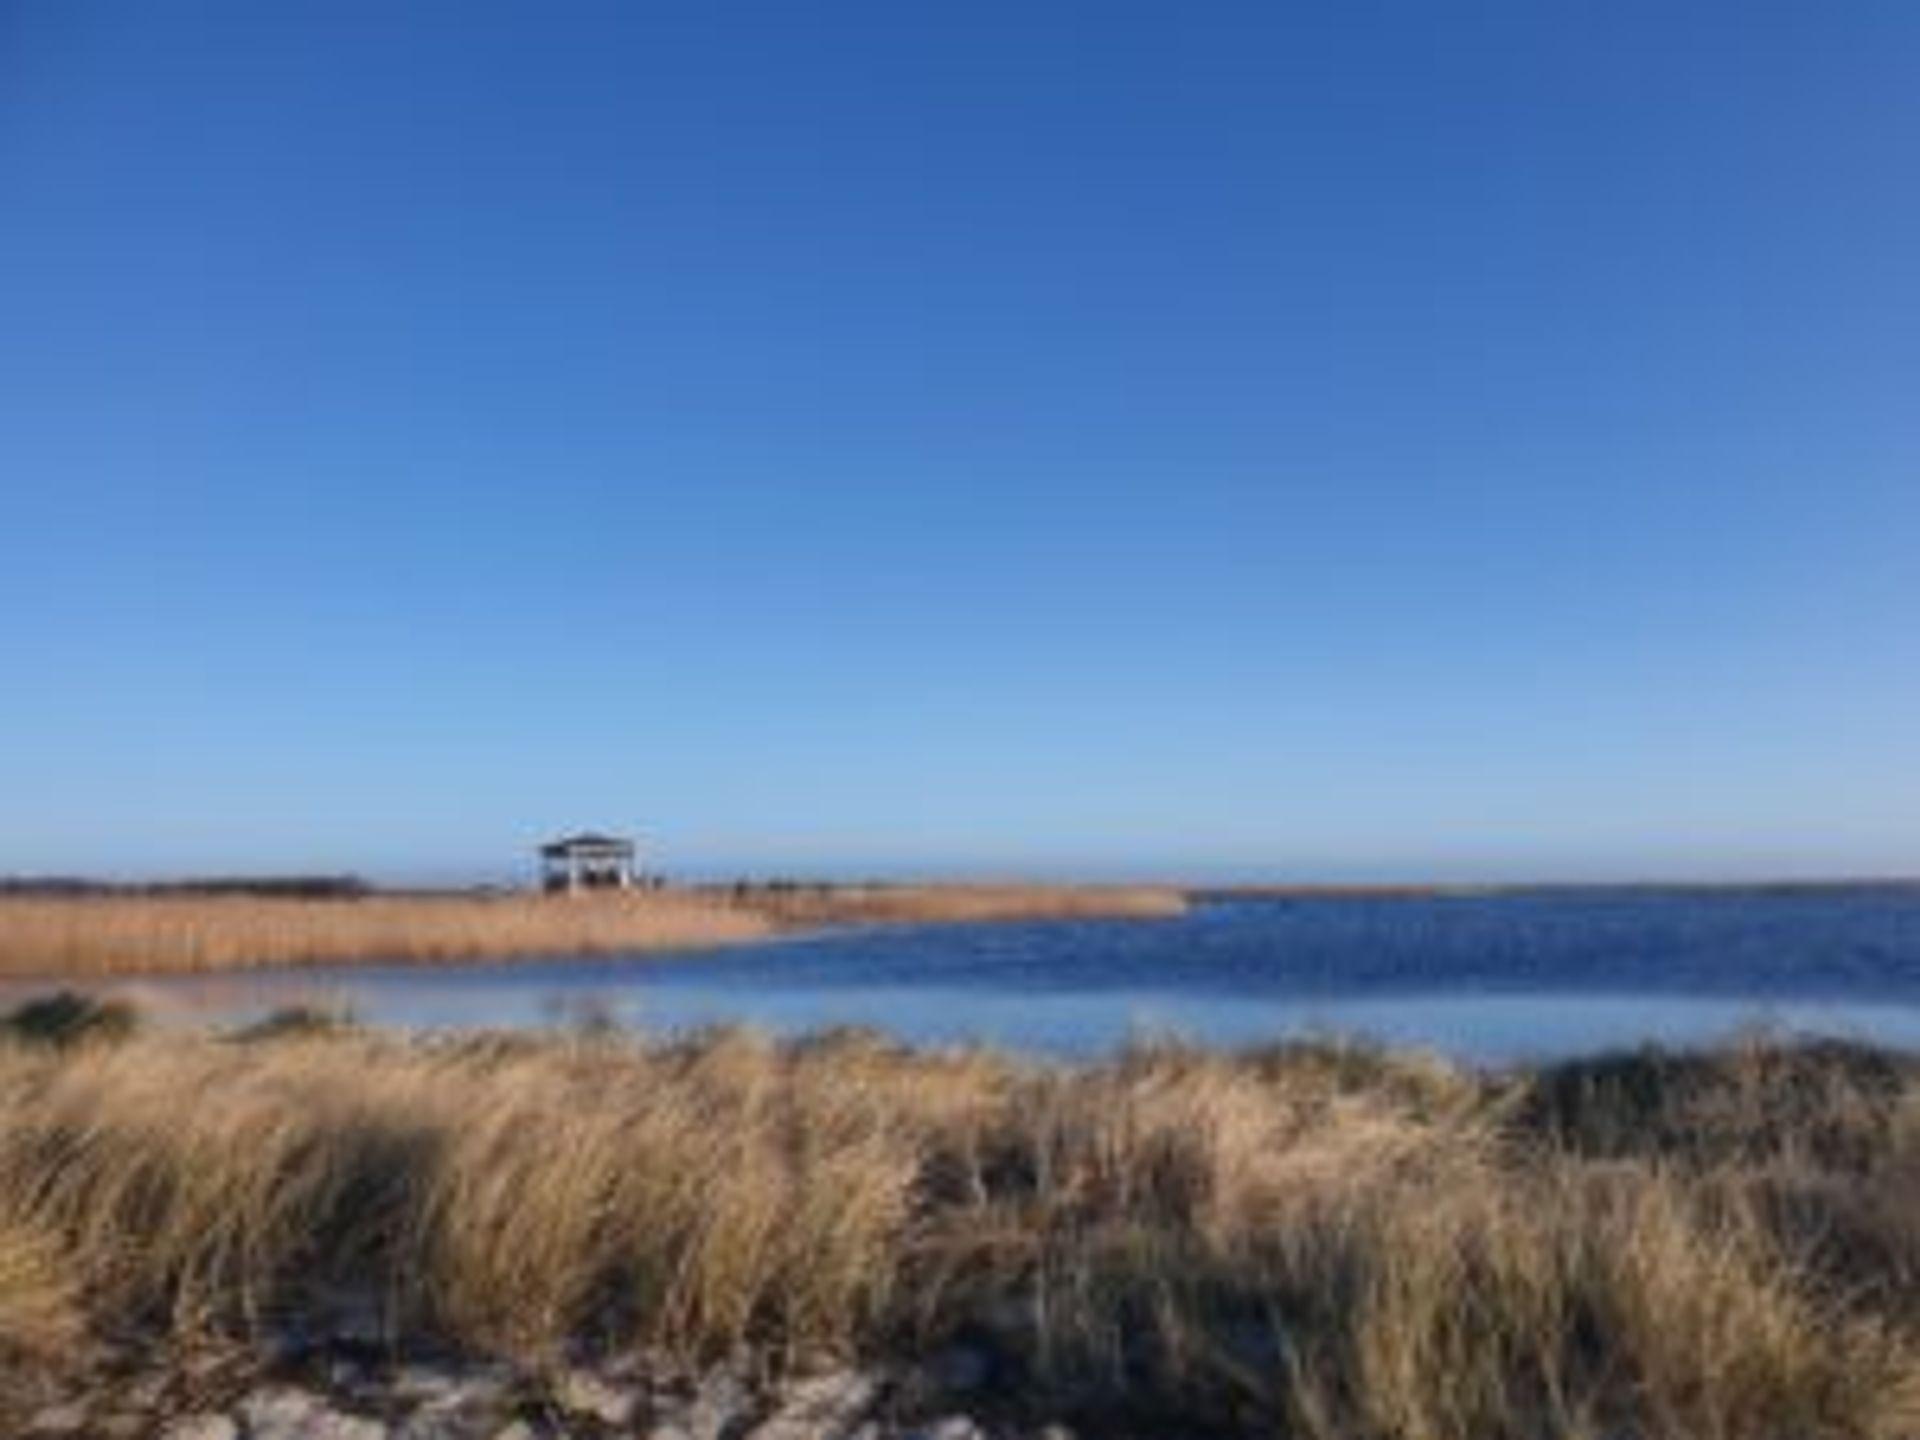 Beachgrass and water.